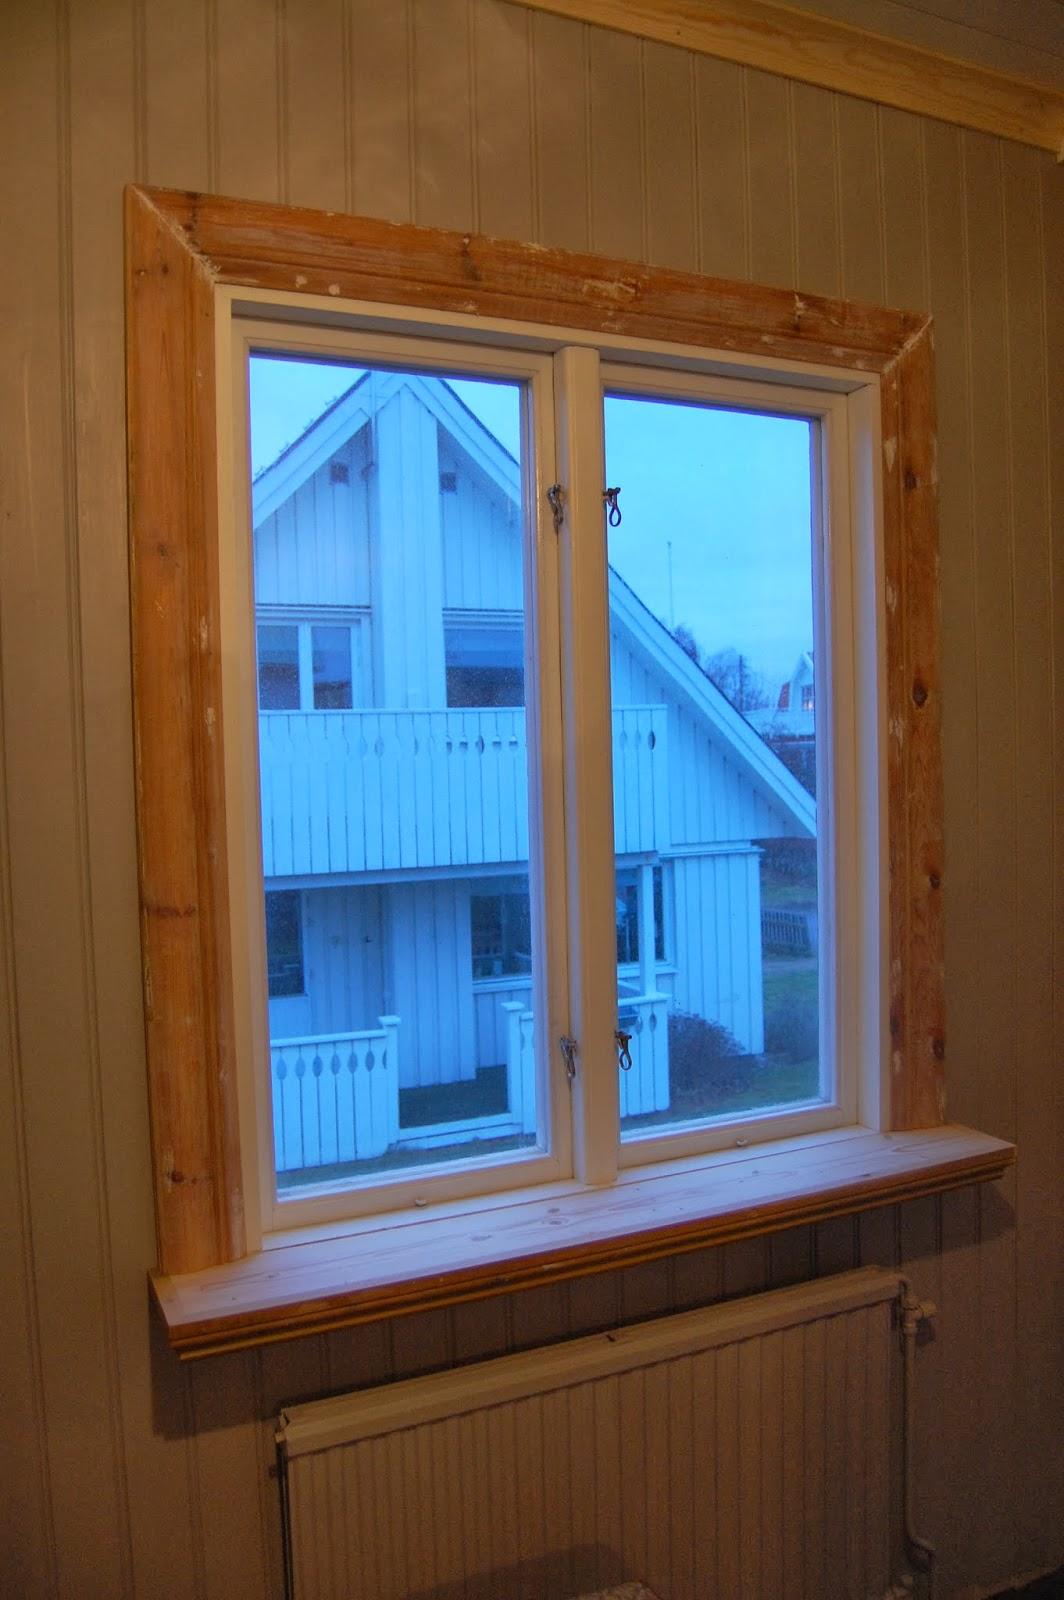 byta fönsterfoder utvändigt